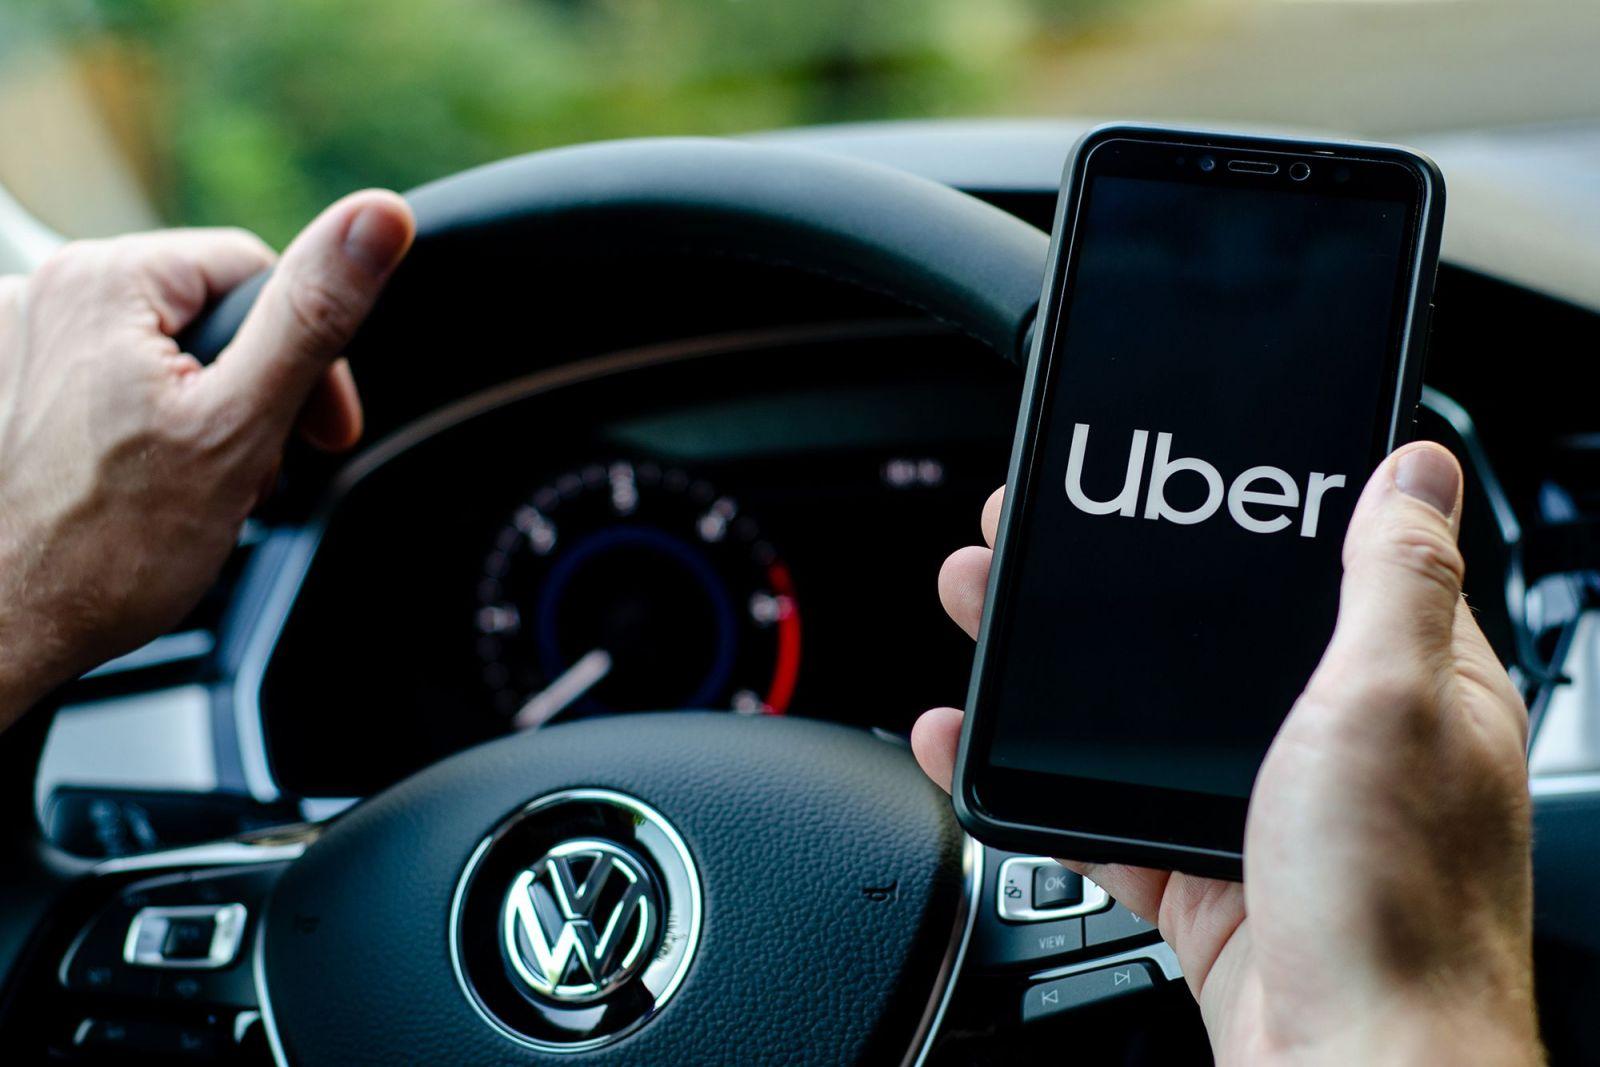 Theo phán quyết của Tòa án Tối cao Anh, một nhóm lái xe của hãng xe công nghệ Uber được hưởng các quyền của người lao động, chứ không phải là cộng tác viên theo hợp đồng.